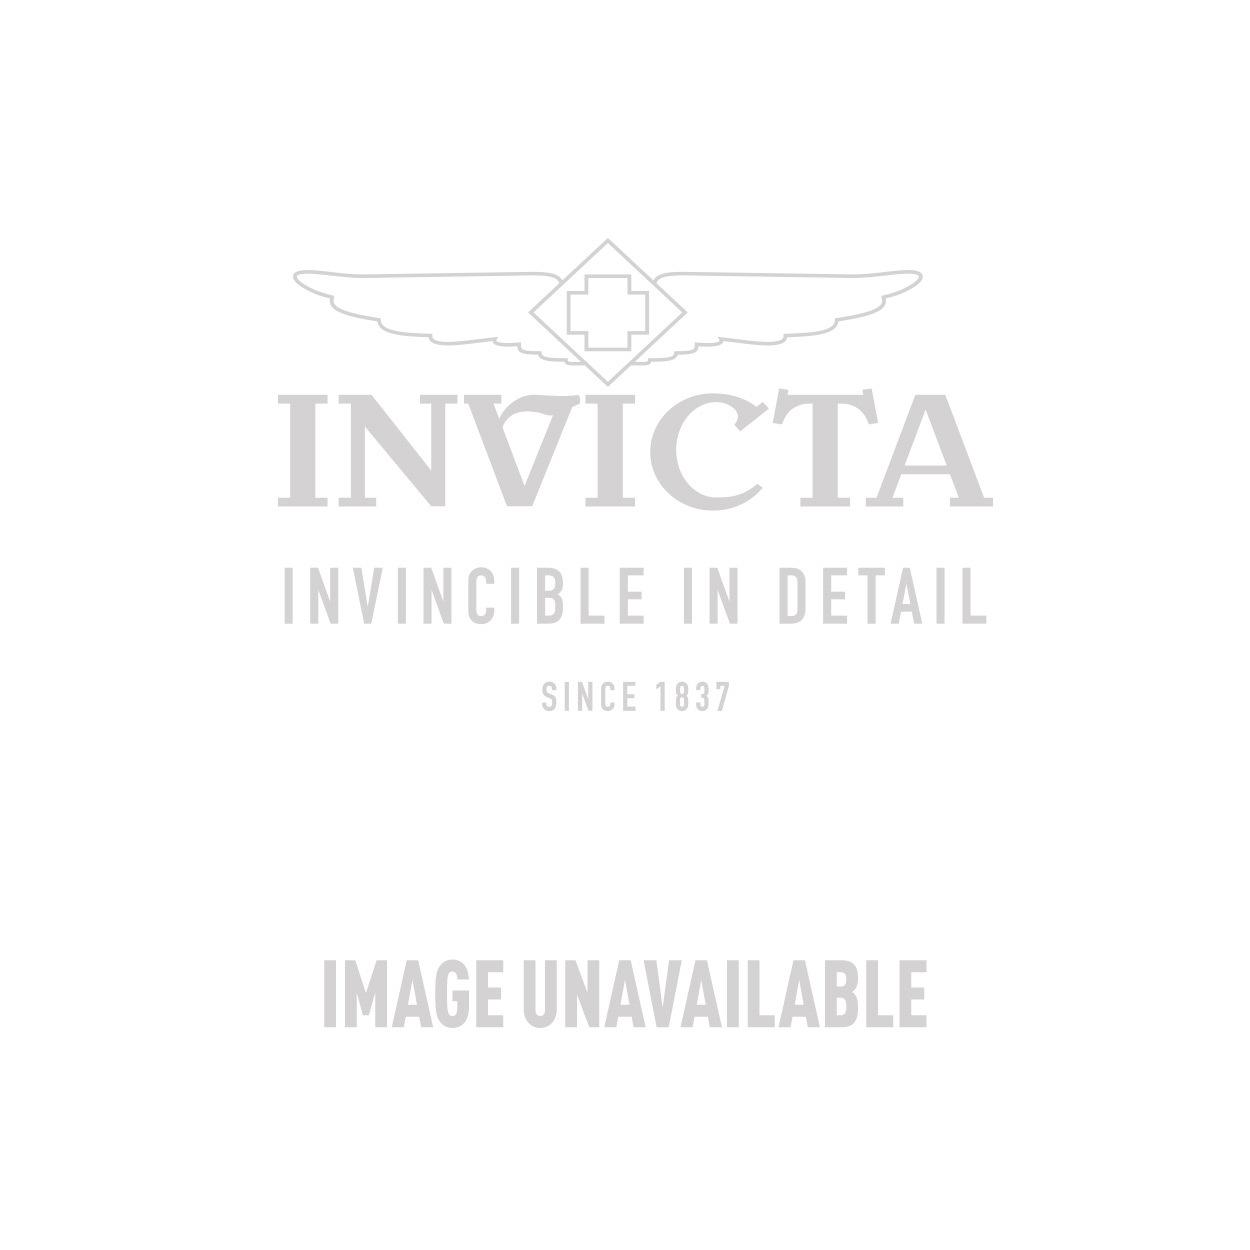 Invicta Model 27647